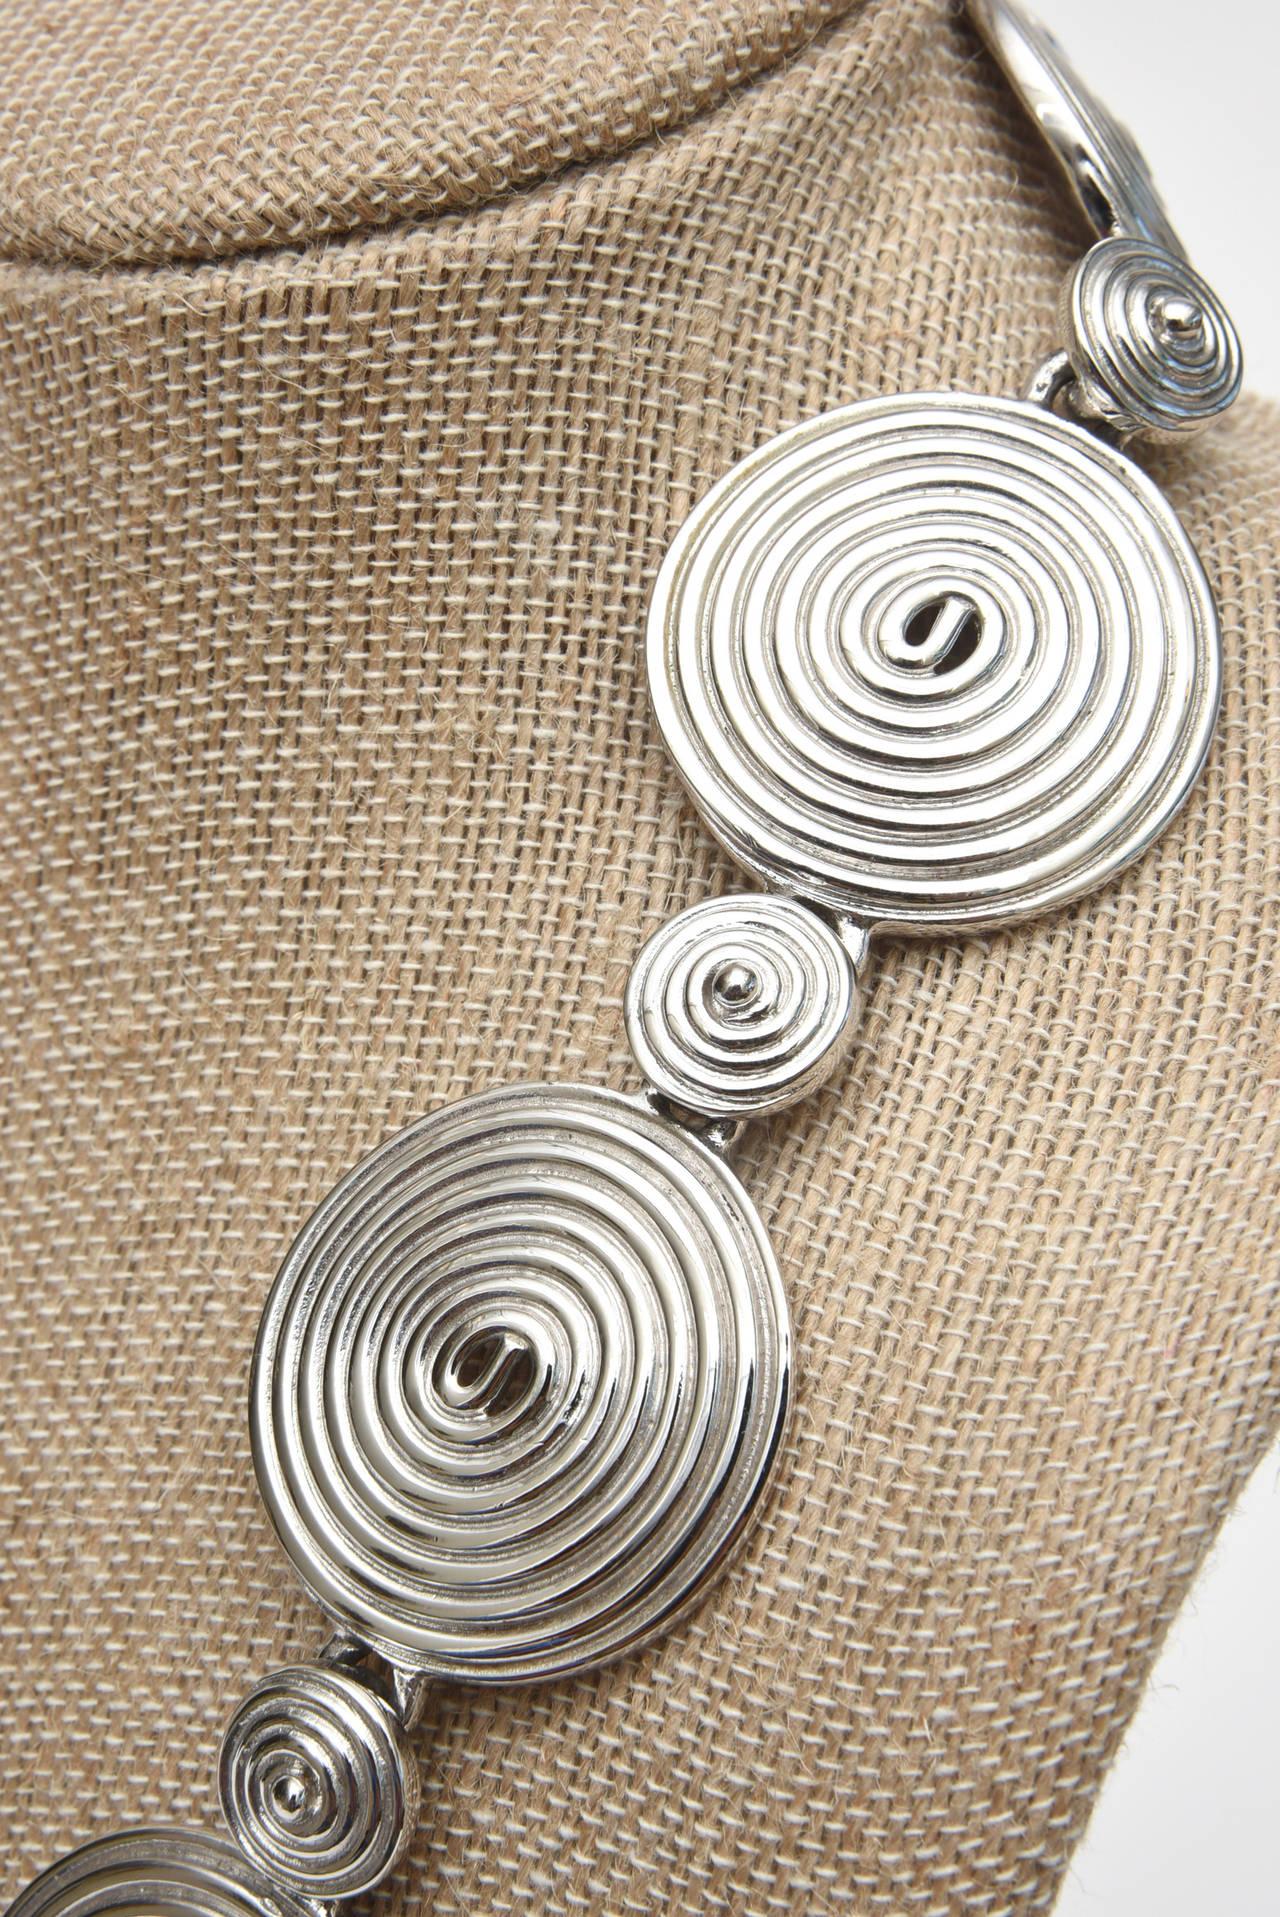 Signed Alexis Kirk Sculptural Disk Necklace For Sale 4